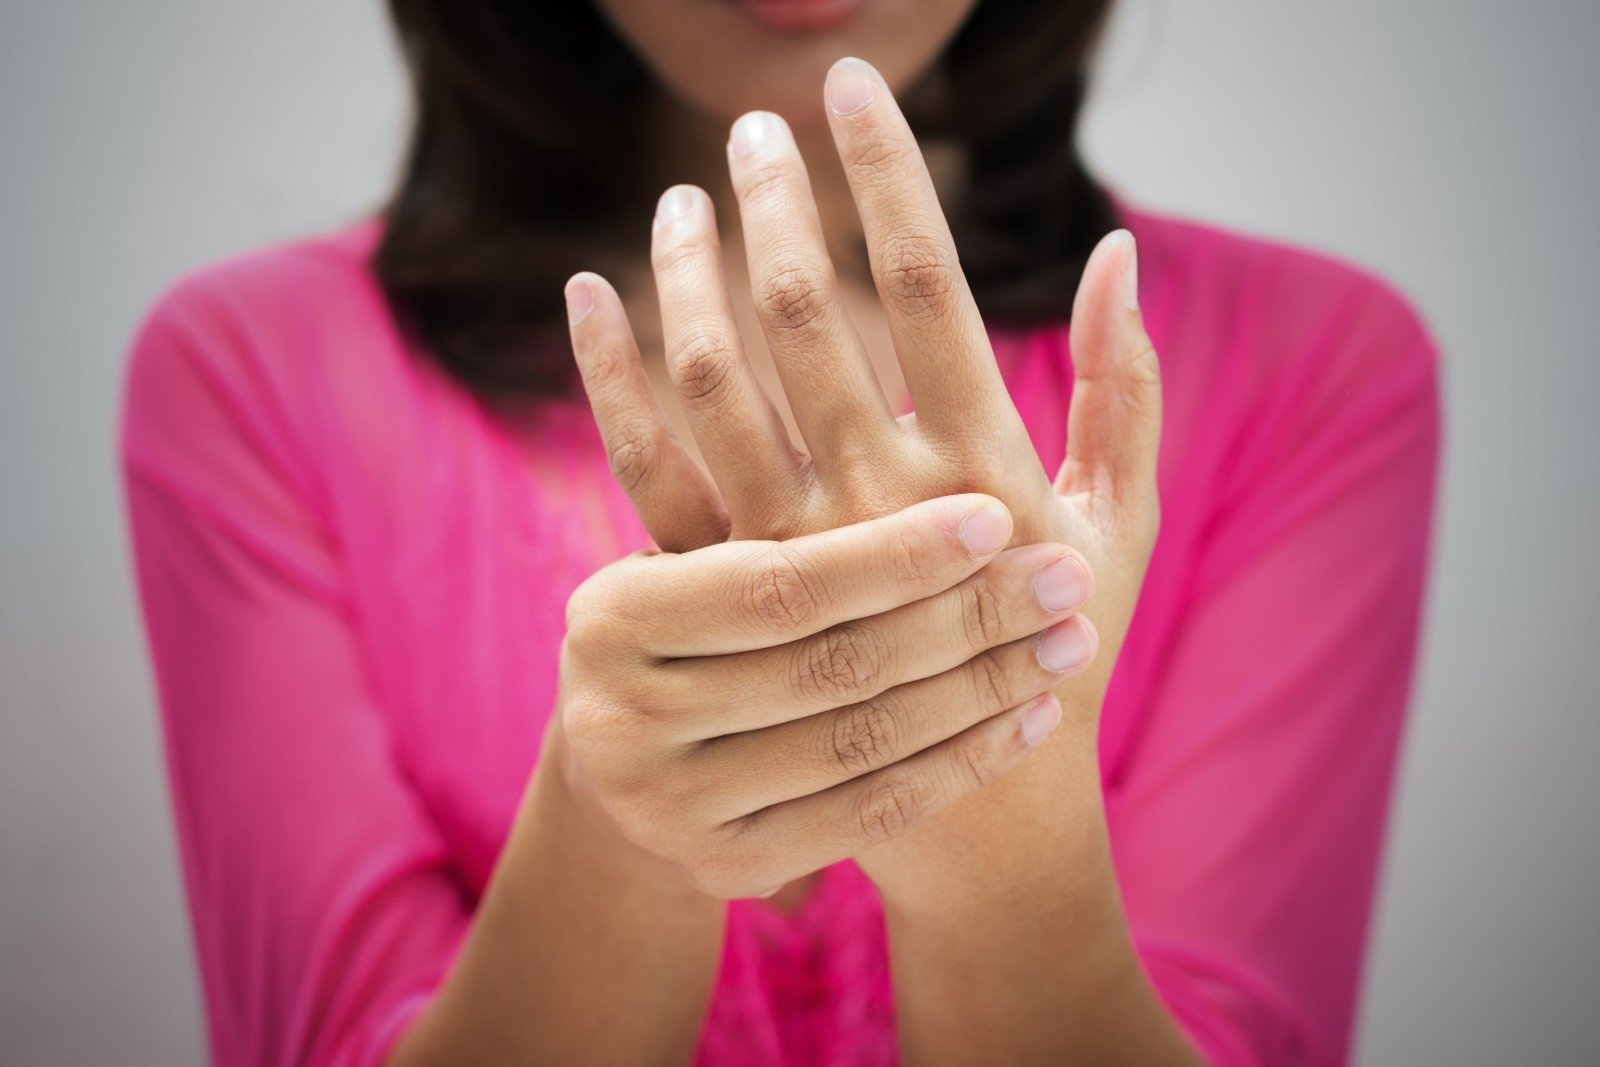 liaudies gydymas artrozės metu nugaros skausmas nugaros